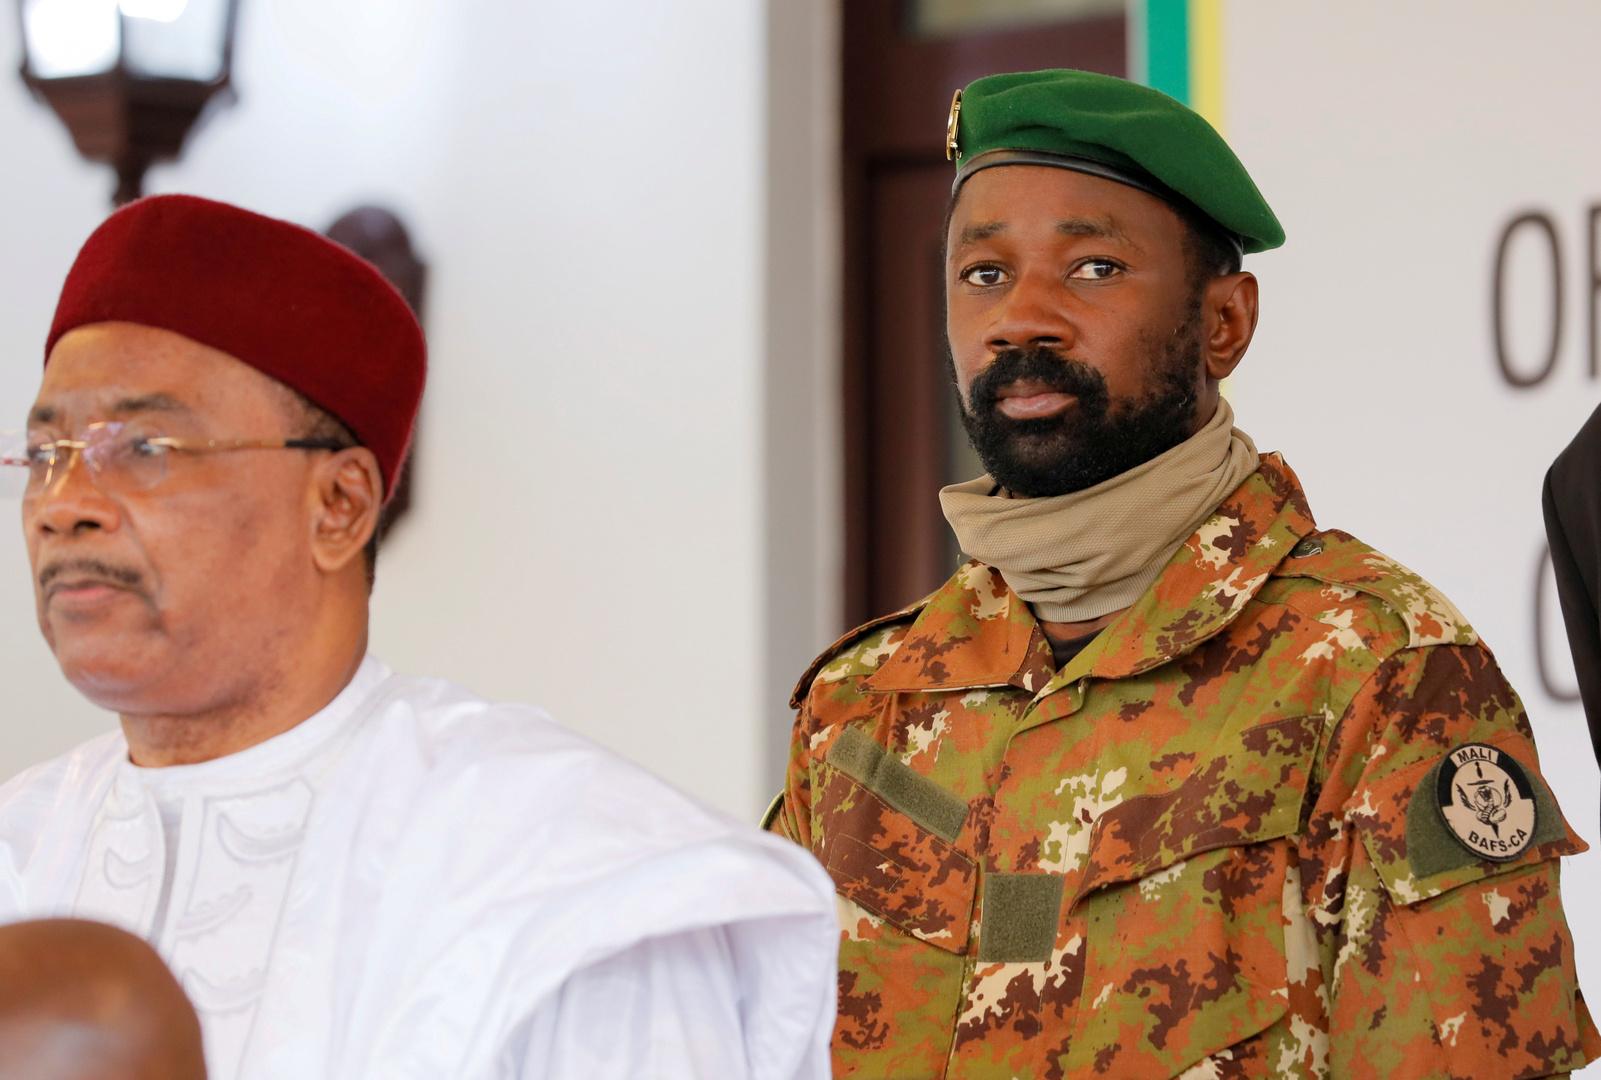 فاغنر في مالي: الأسباب والتداعيات